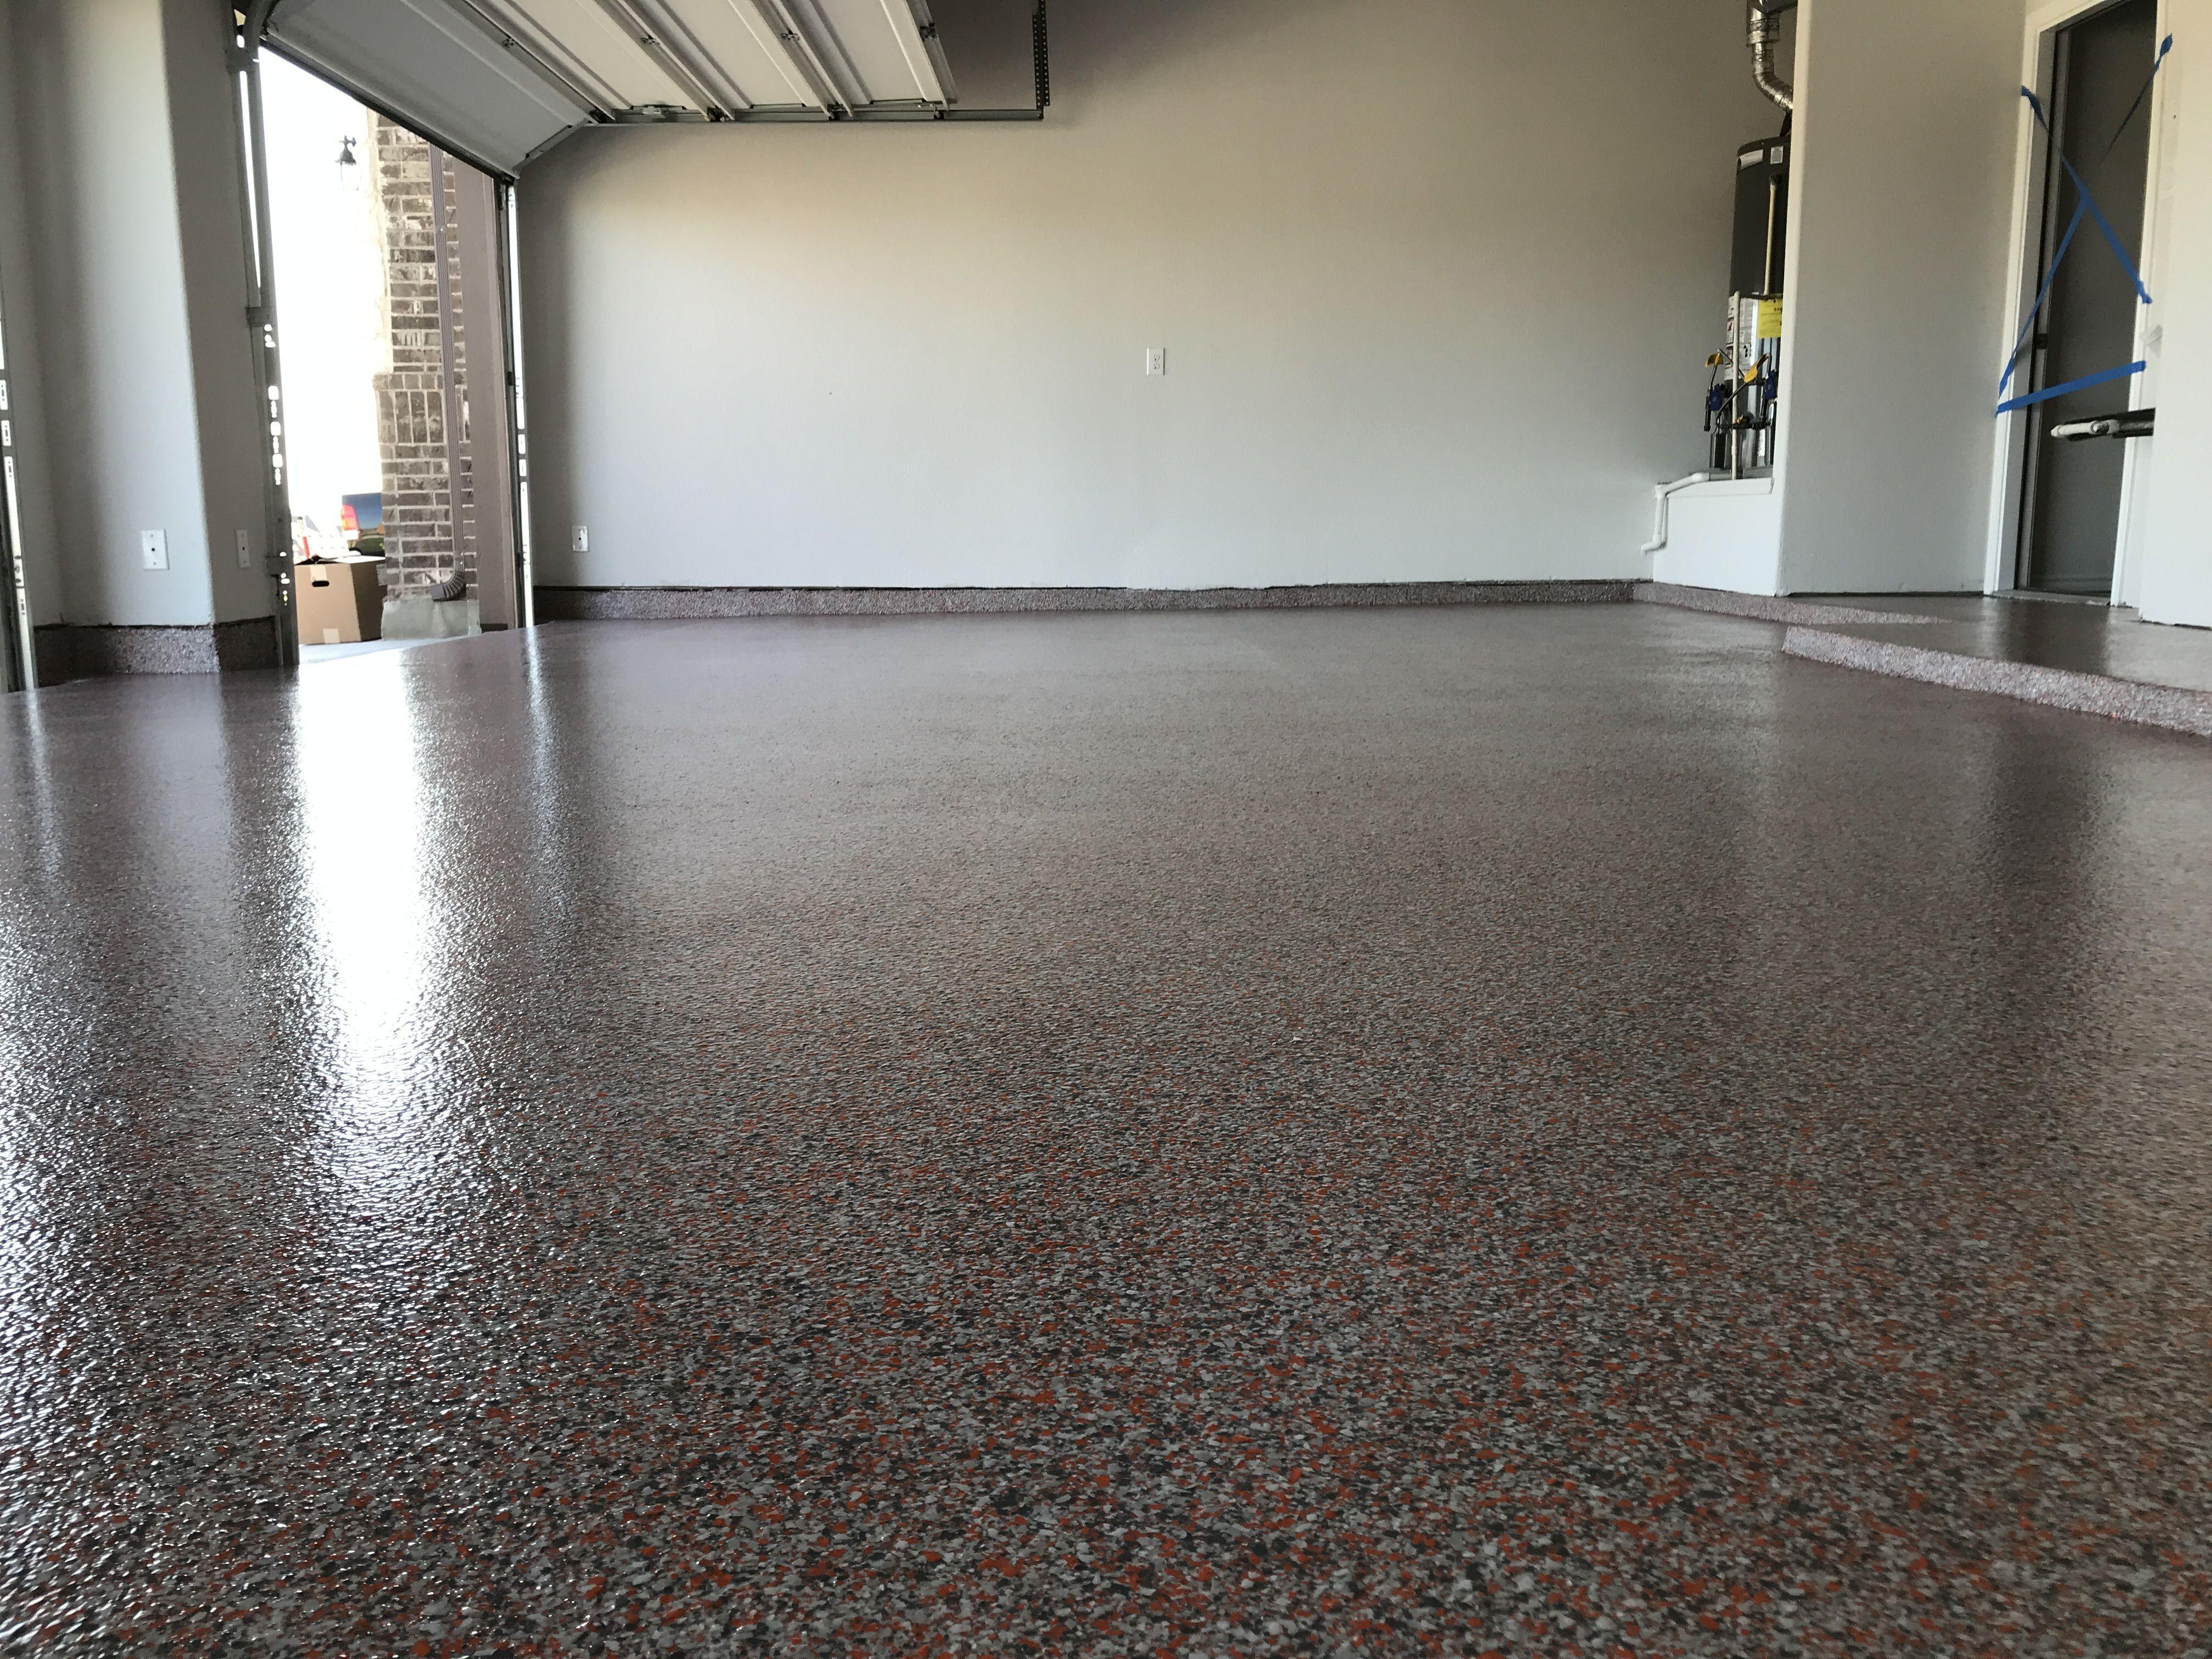 Classic B 314 Done In Fort Worth Texas Polyaspartic Garagefloors Customfloor Customgarage Coati Flooring Contractor Garage Floor Garage Floor Coatings